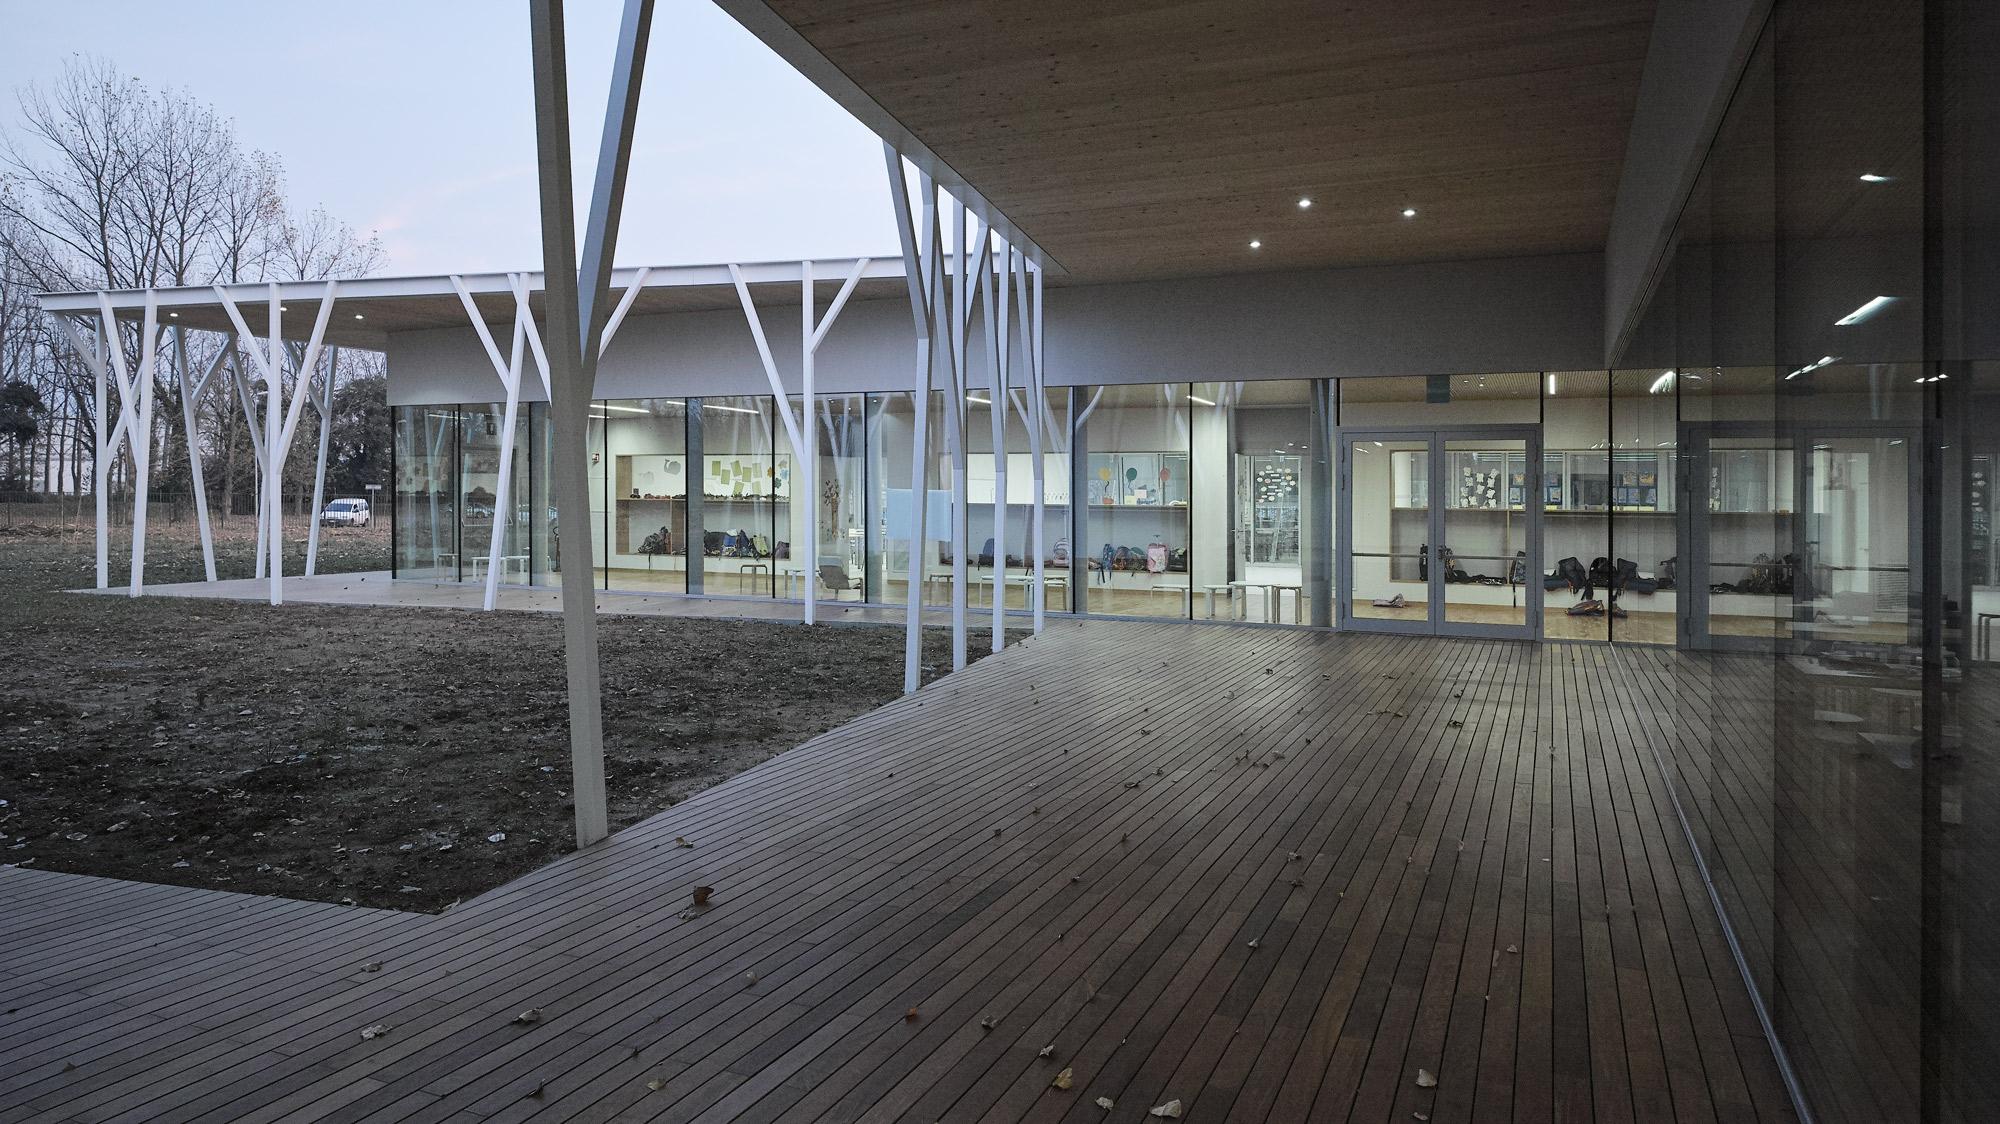 Scuola primaria e ampliamento dell'asilo © Adriano Marangon